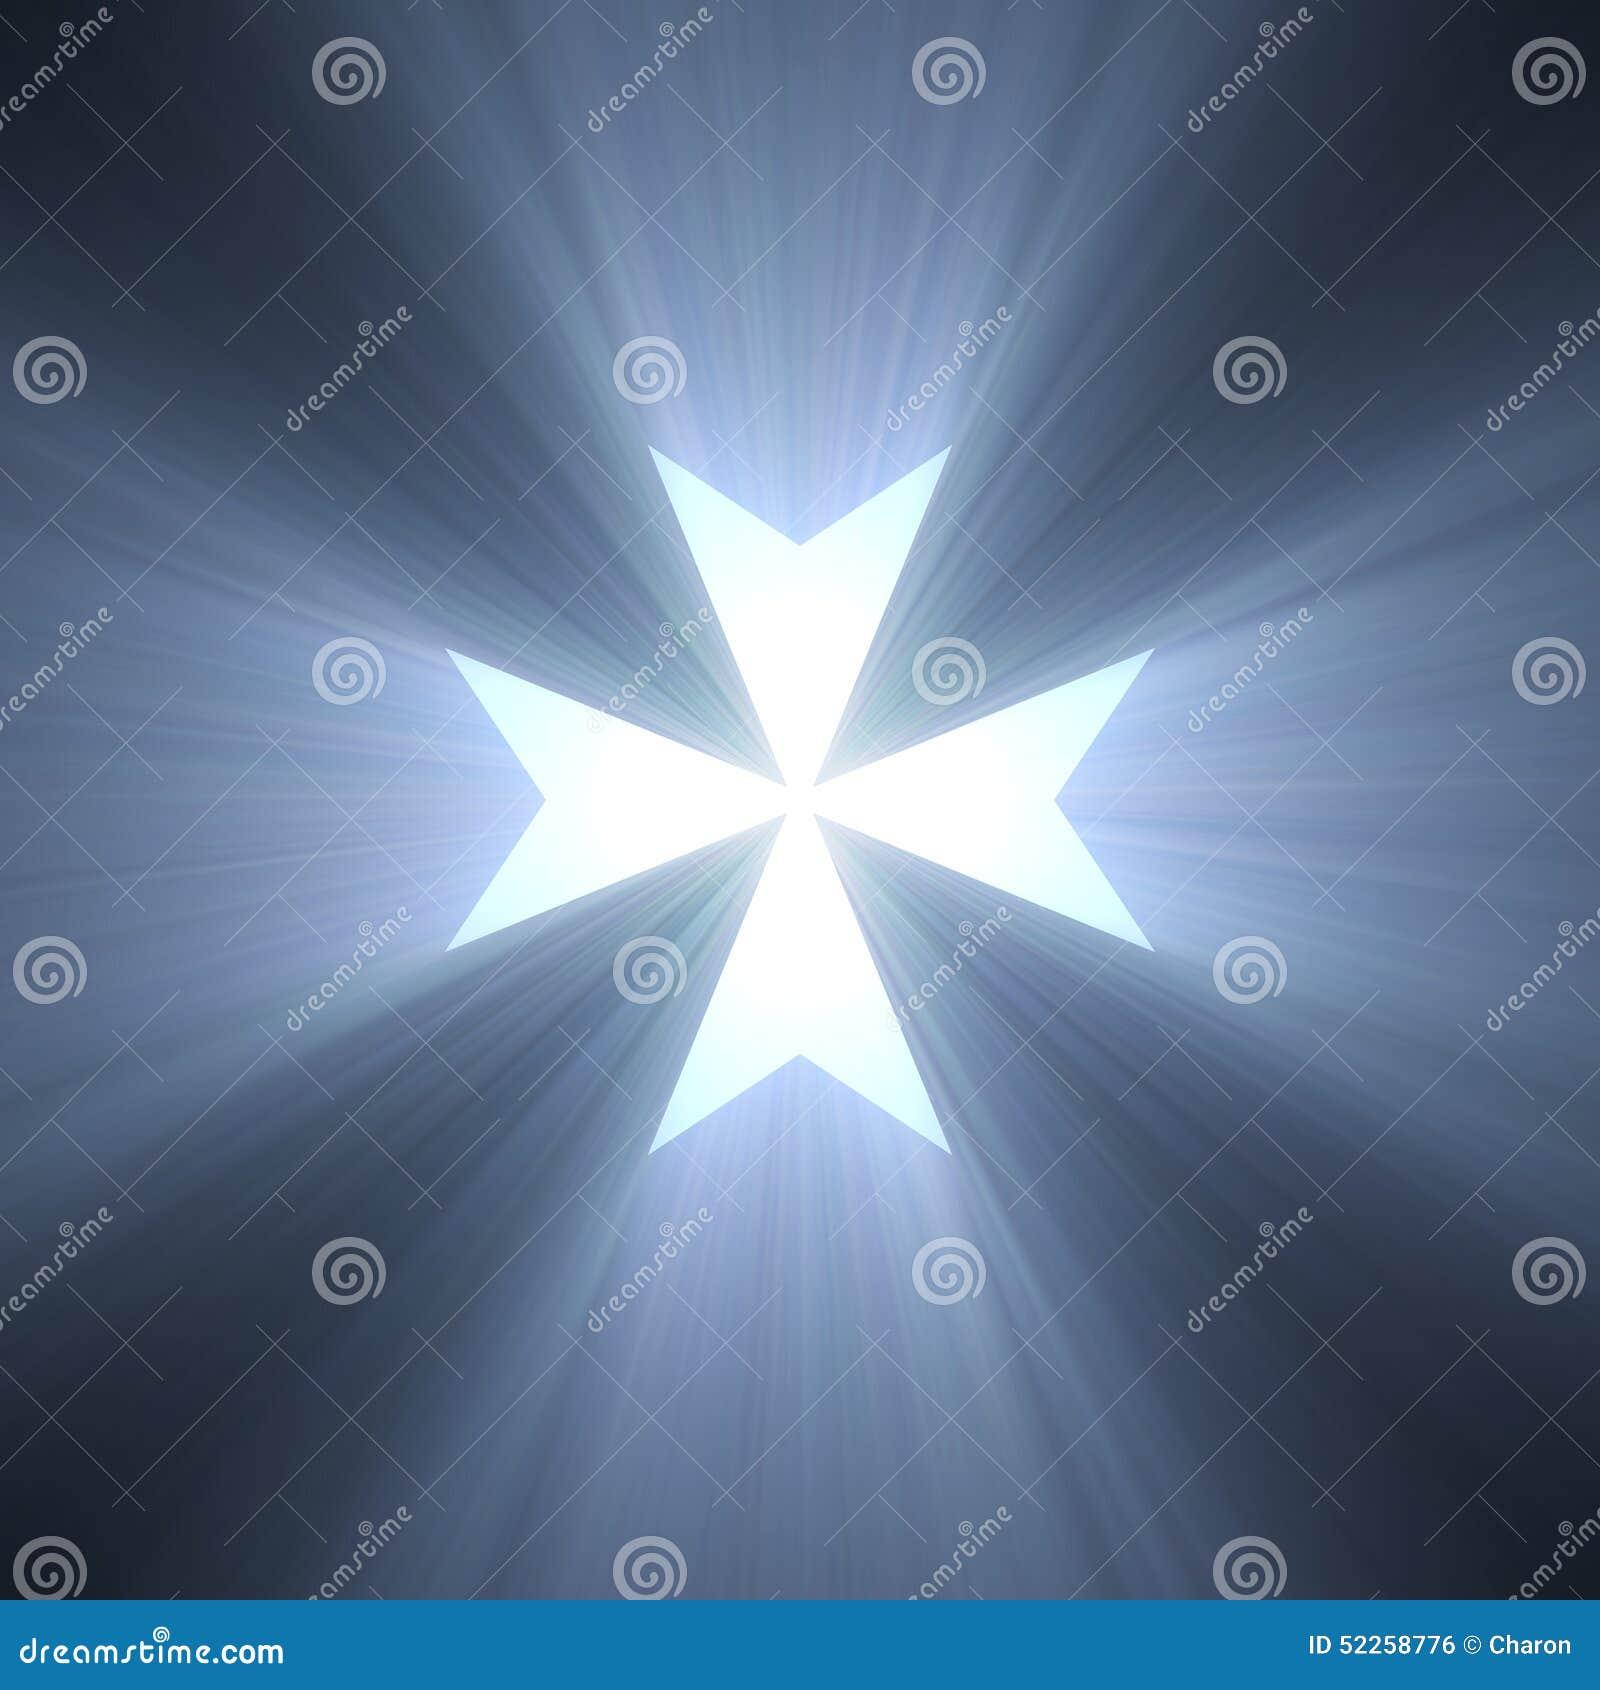 Maltese cross symbol blue light flare stock illustration maltese cross symbol blue light flare biocorpaavc